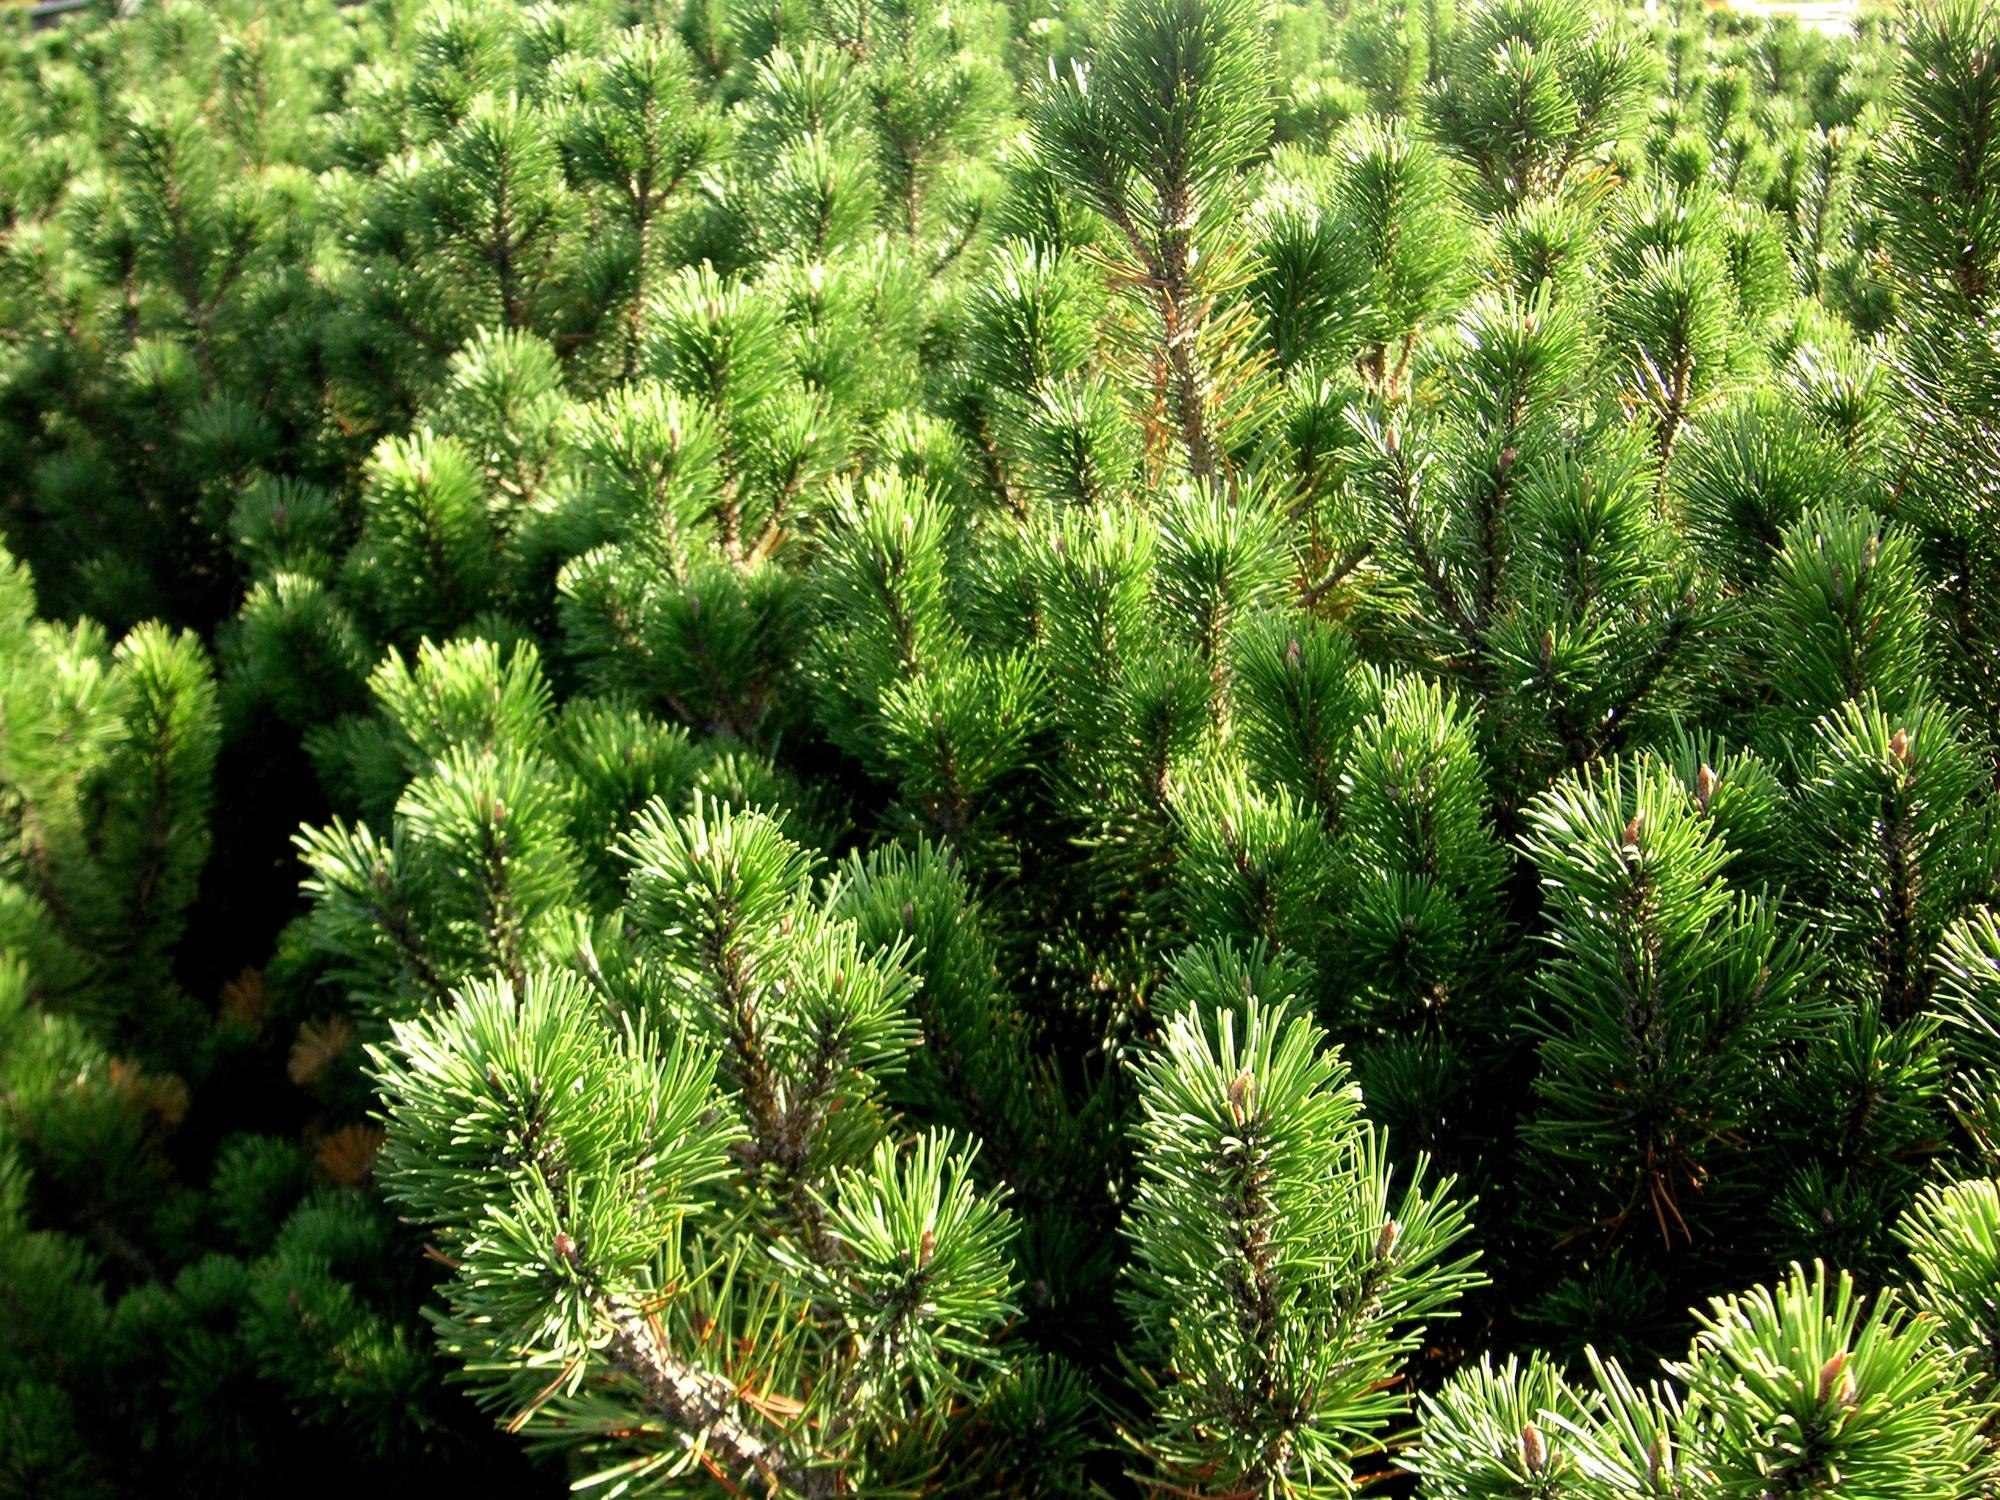 Bild mit Natur, Pflanzen, Bäume, Nadelbäume, Kiefern, Fichten, Tannen